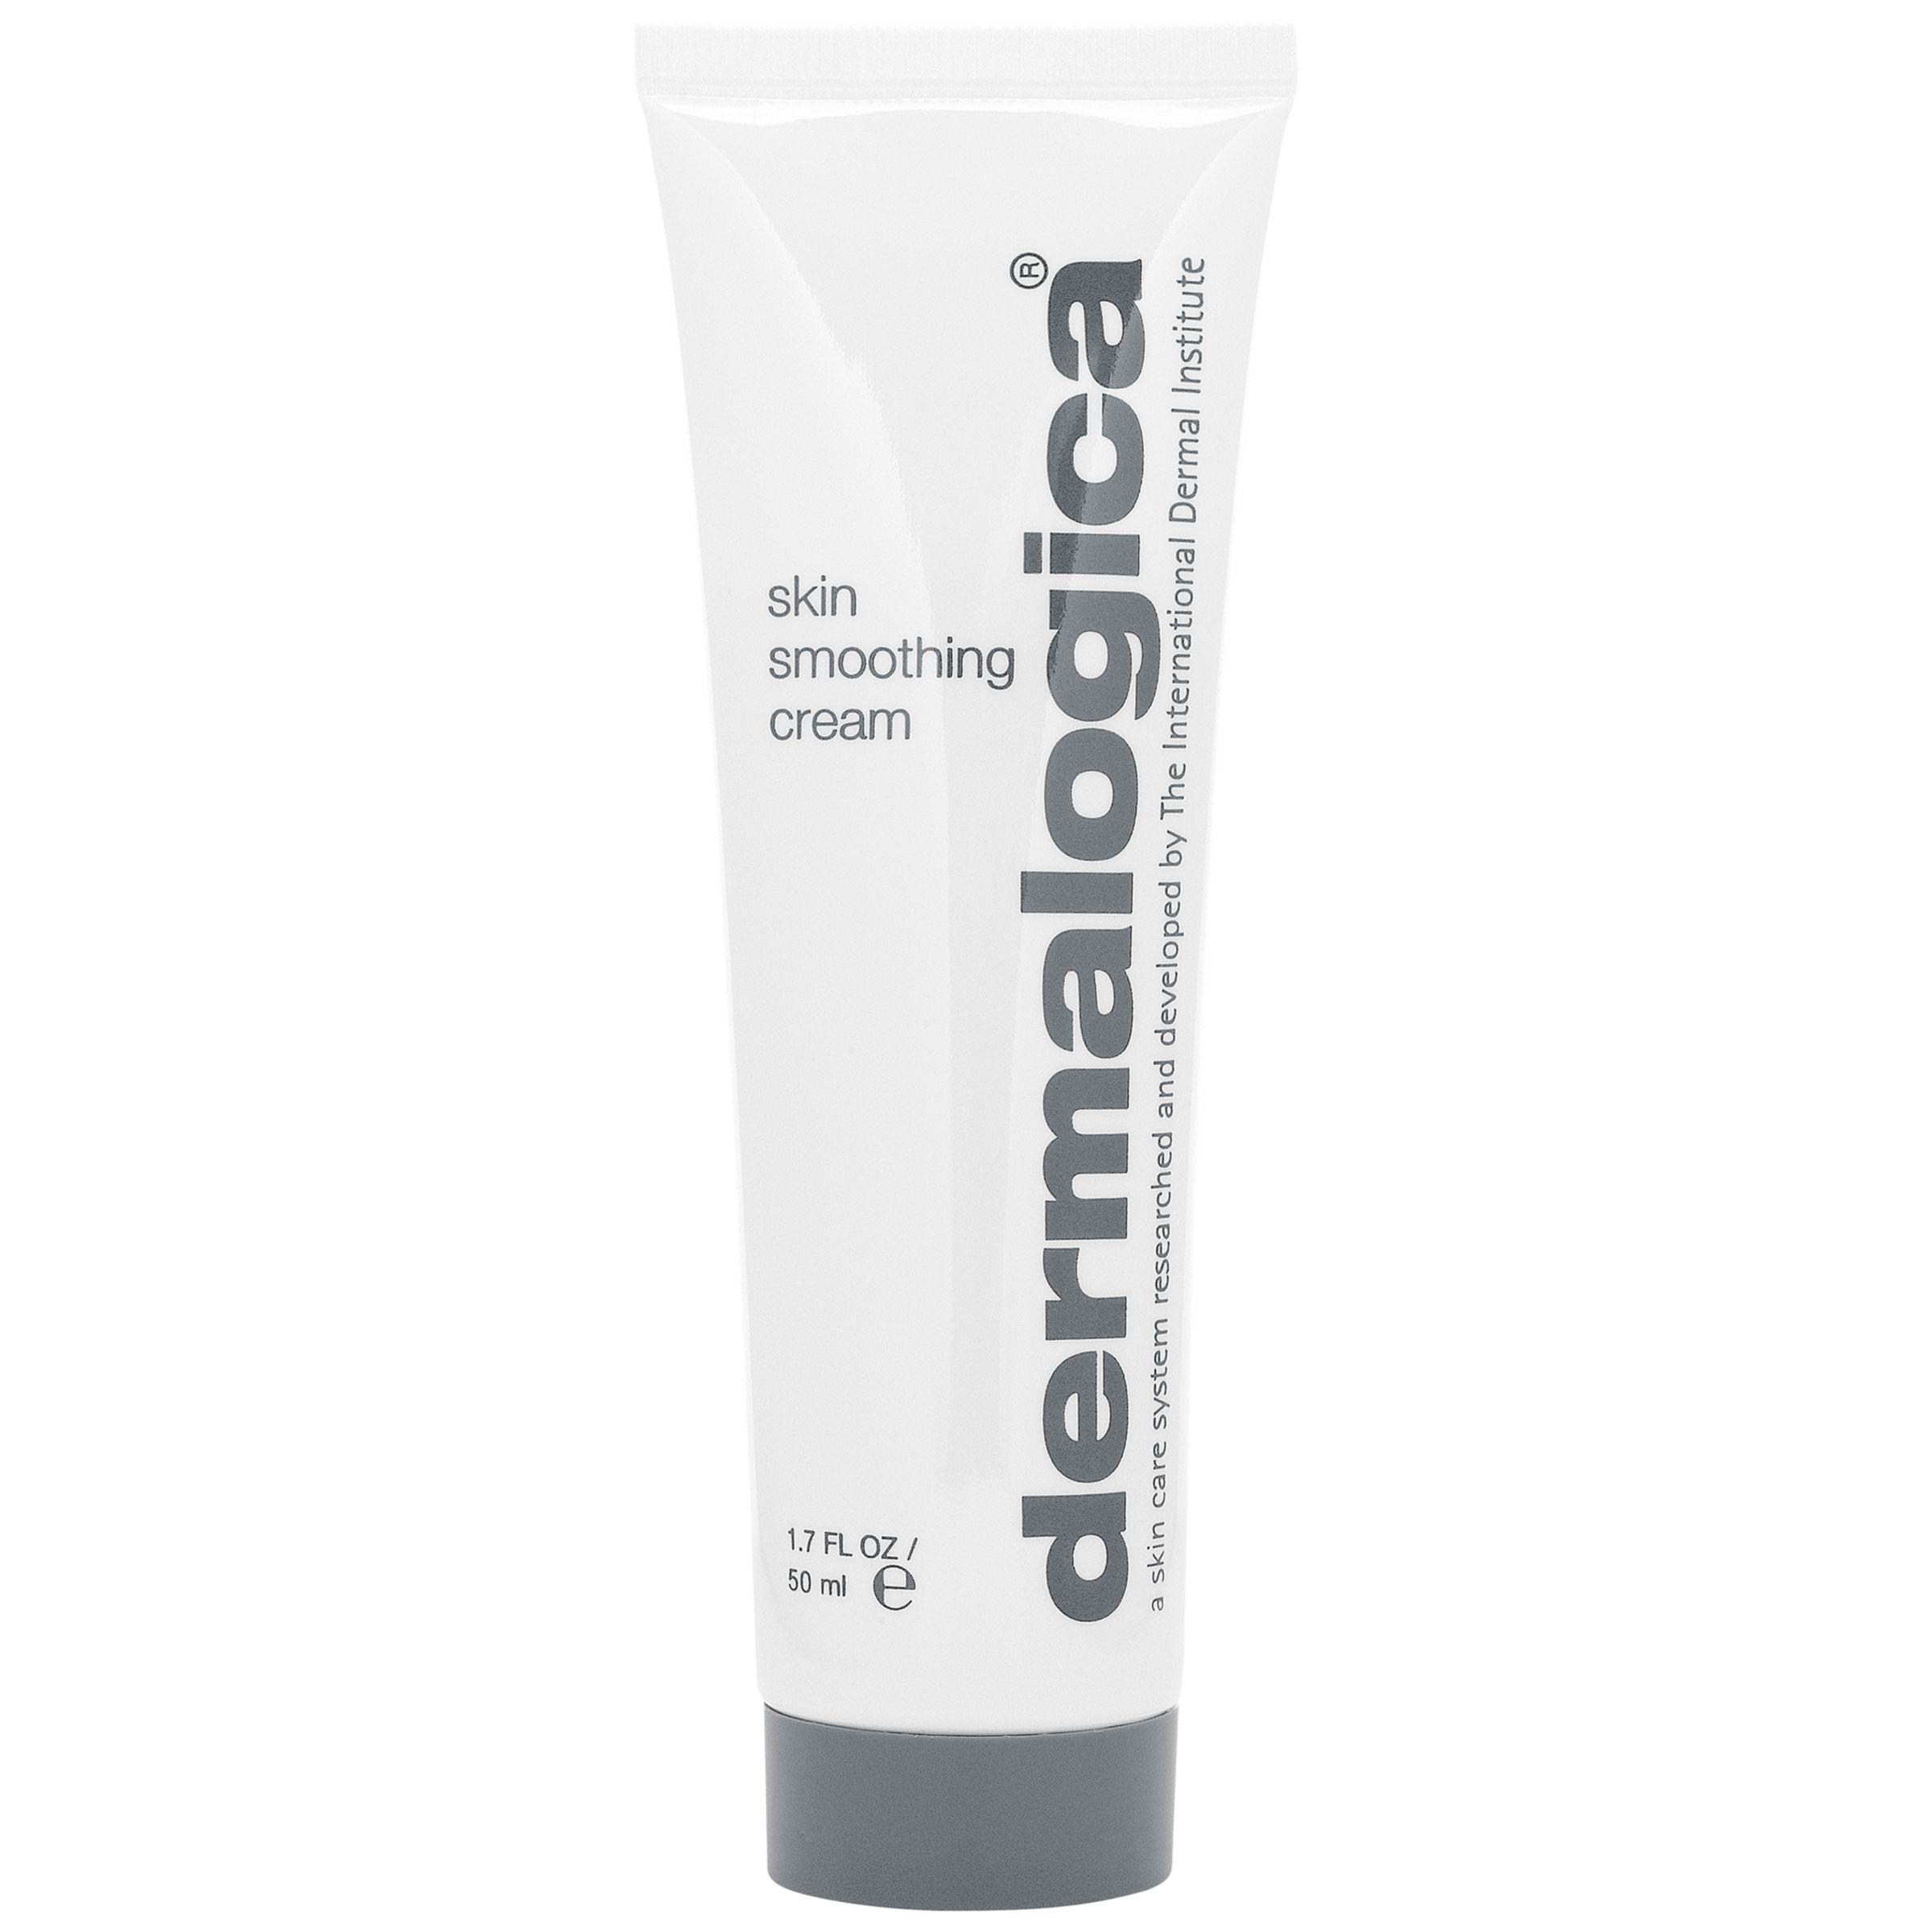 Dermalogica Skin Smoothing Cream at John Lewis